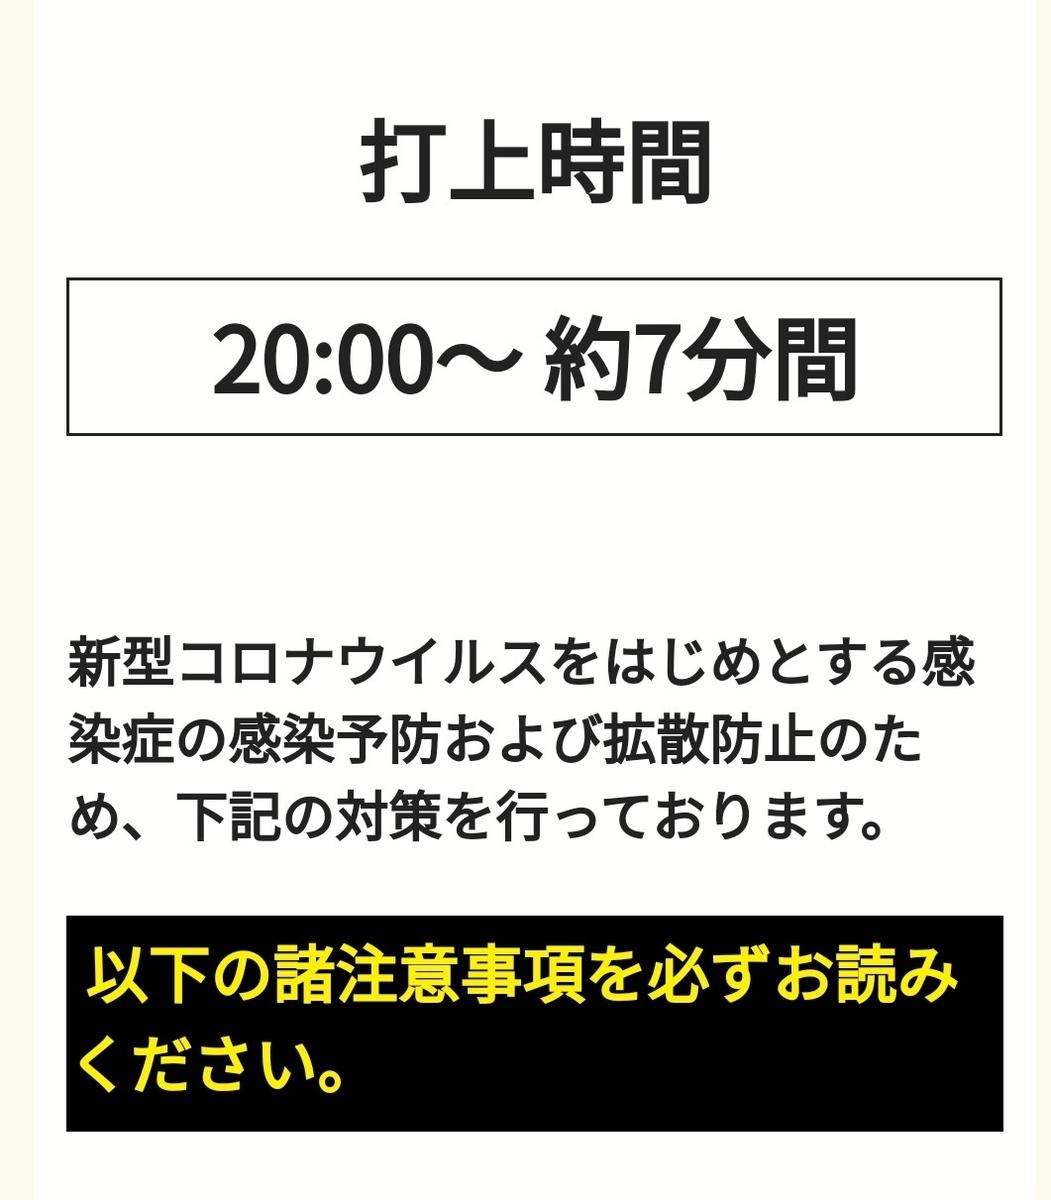 f:id:Tokyo-amuse:20200802235451j:plain